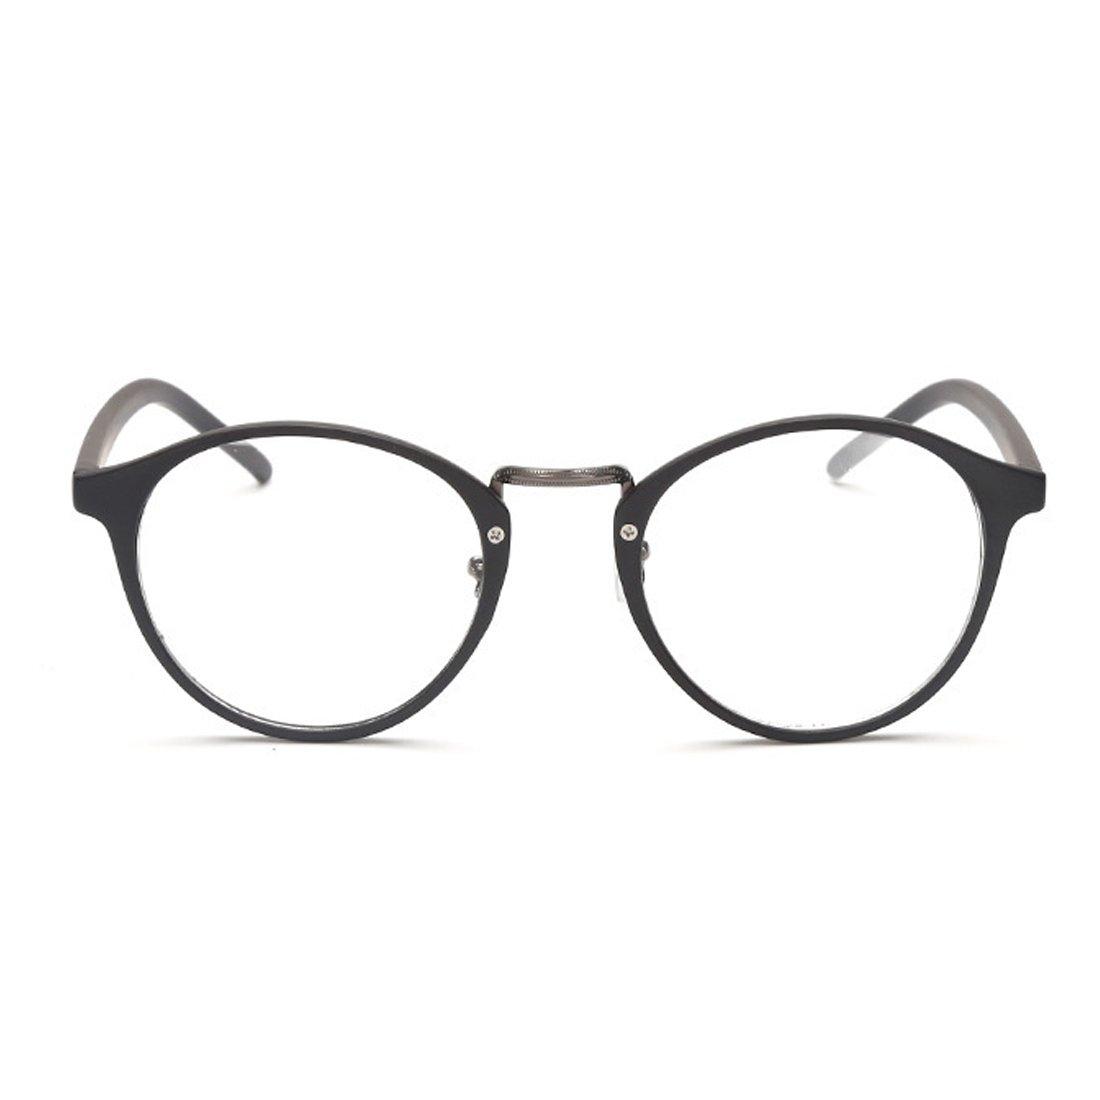 Huicai Mann Frau Retro Brille Mode Myopie Brille Runde Rahmen Gl/äser-1,00 bis-6,00